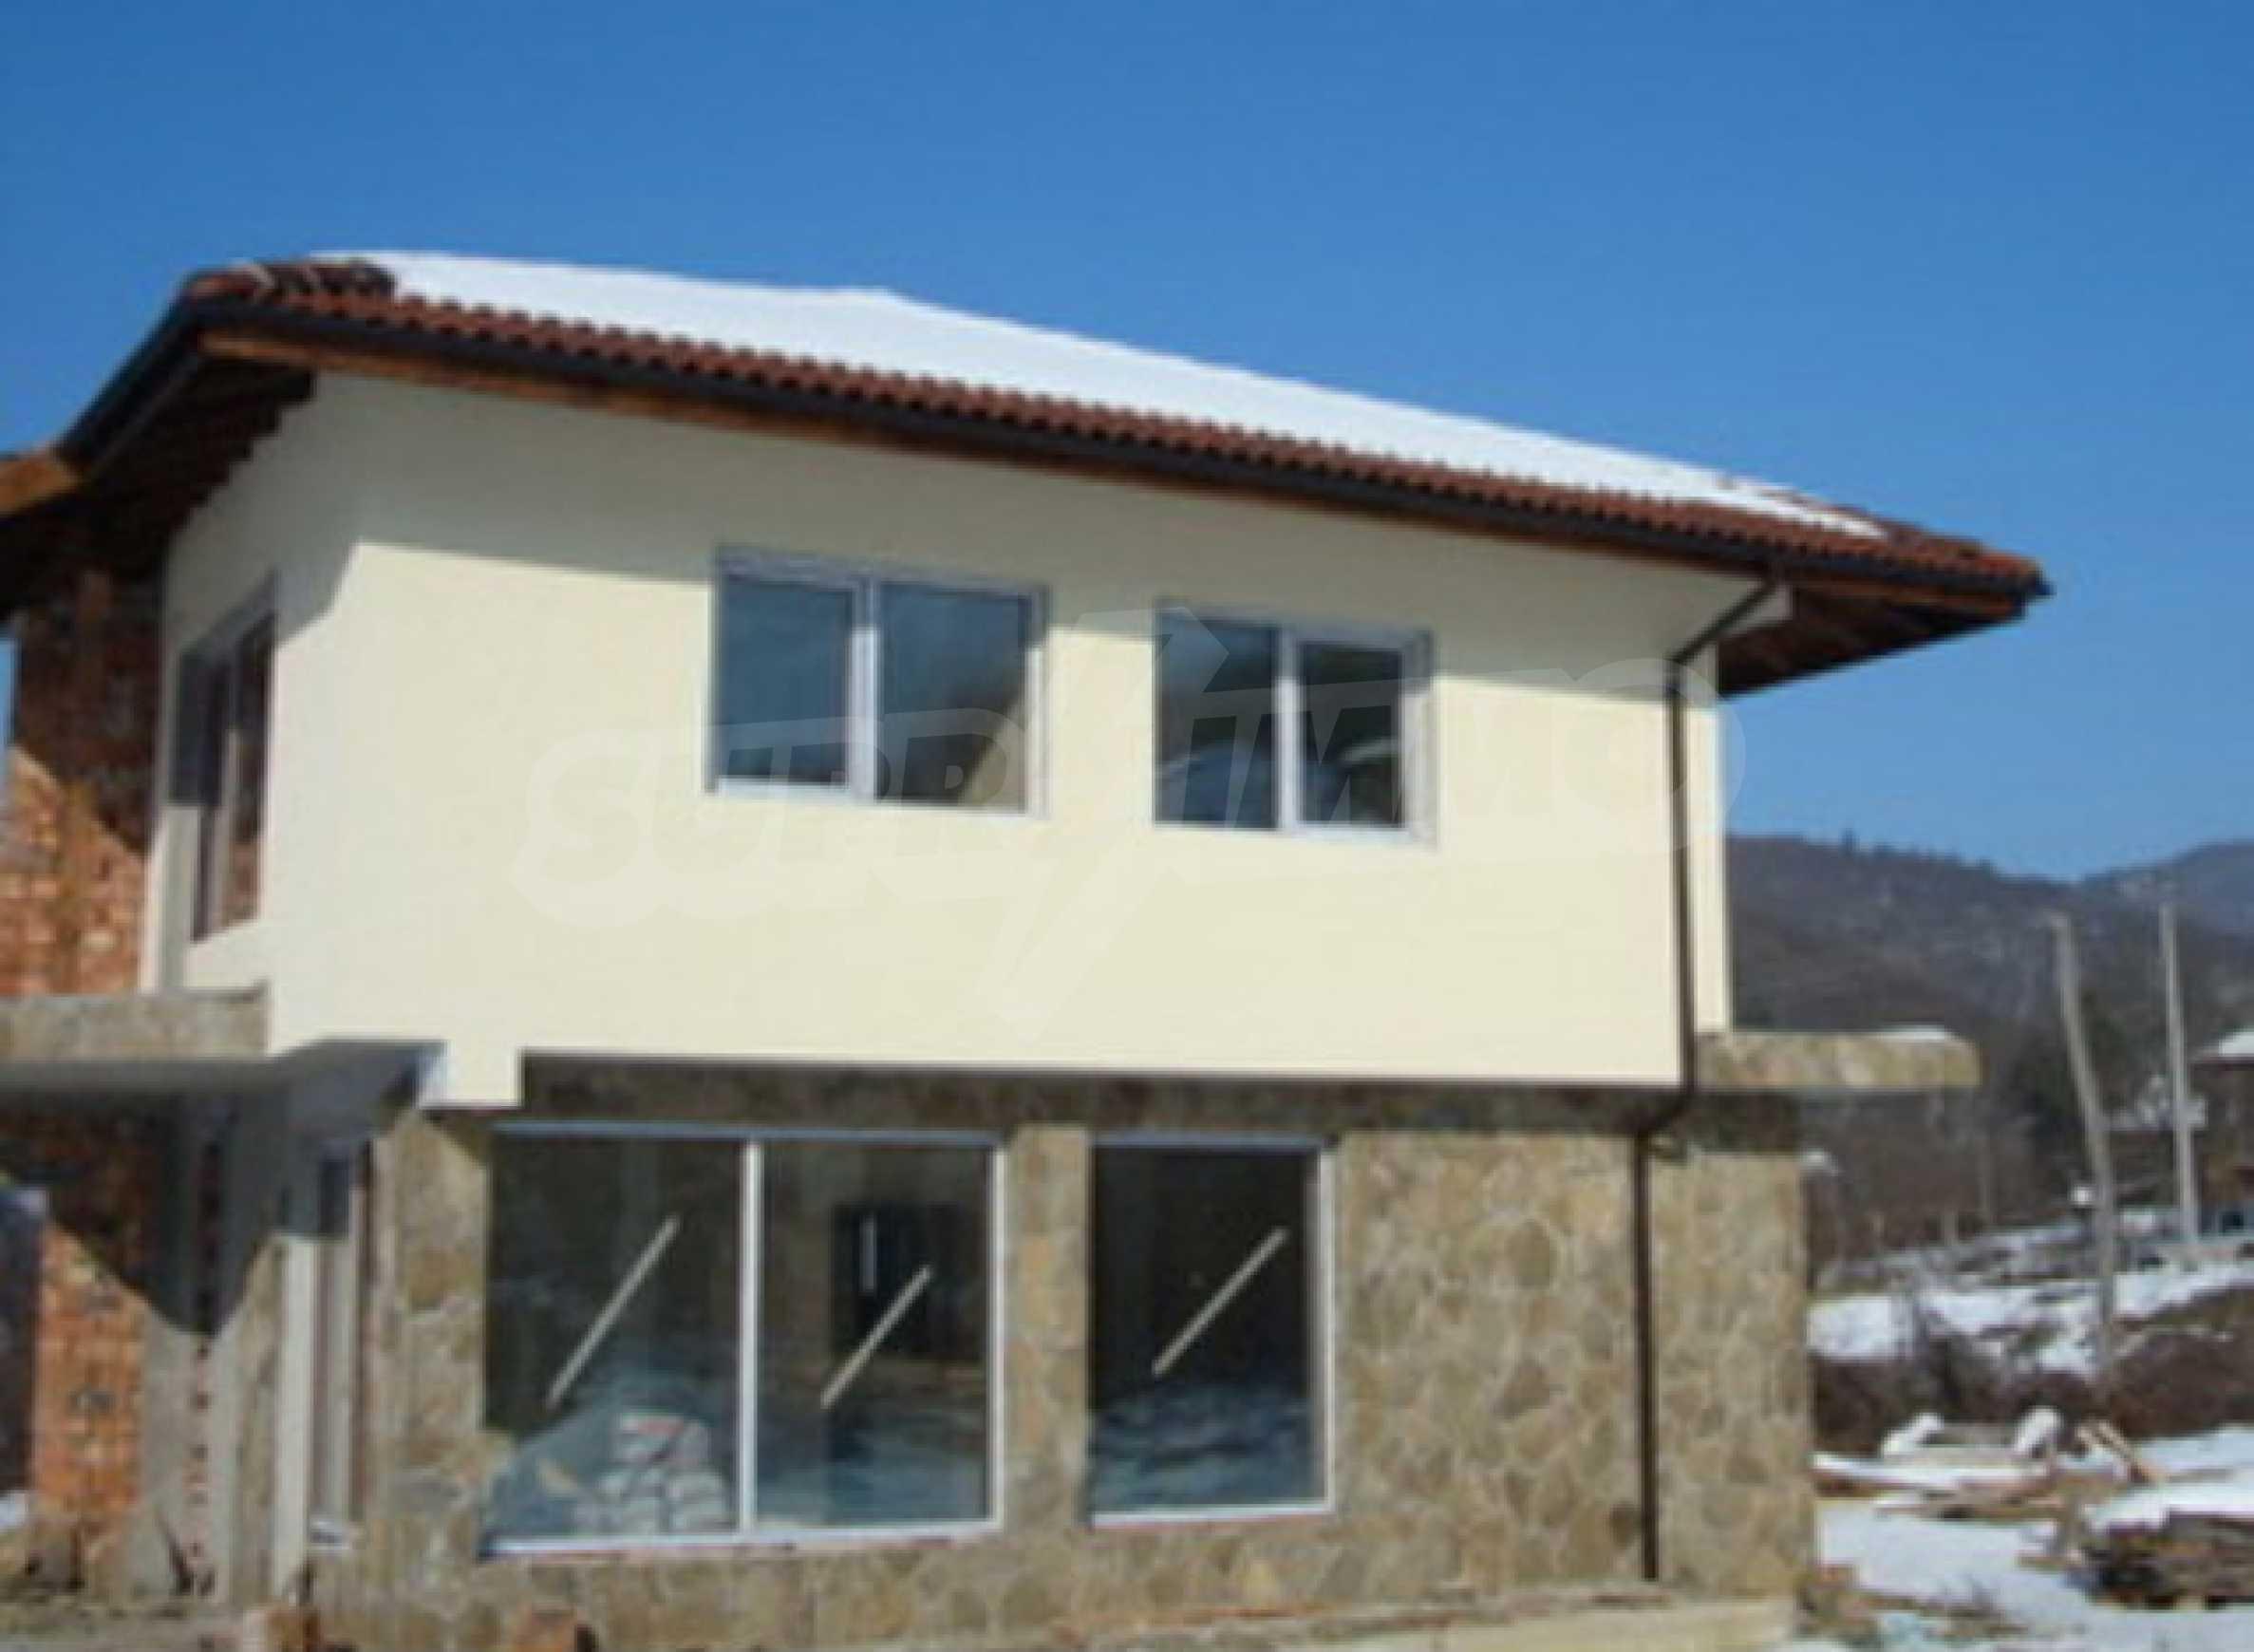 Feriendorfprojekt in der Nähe von Teteven 1